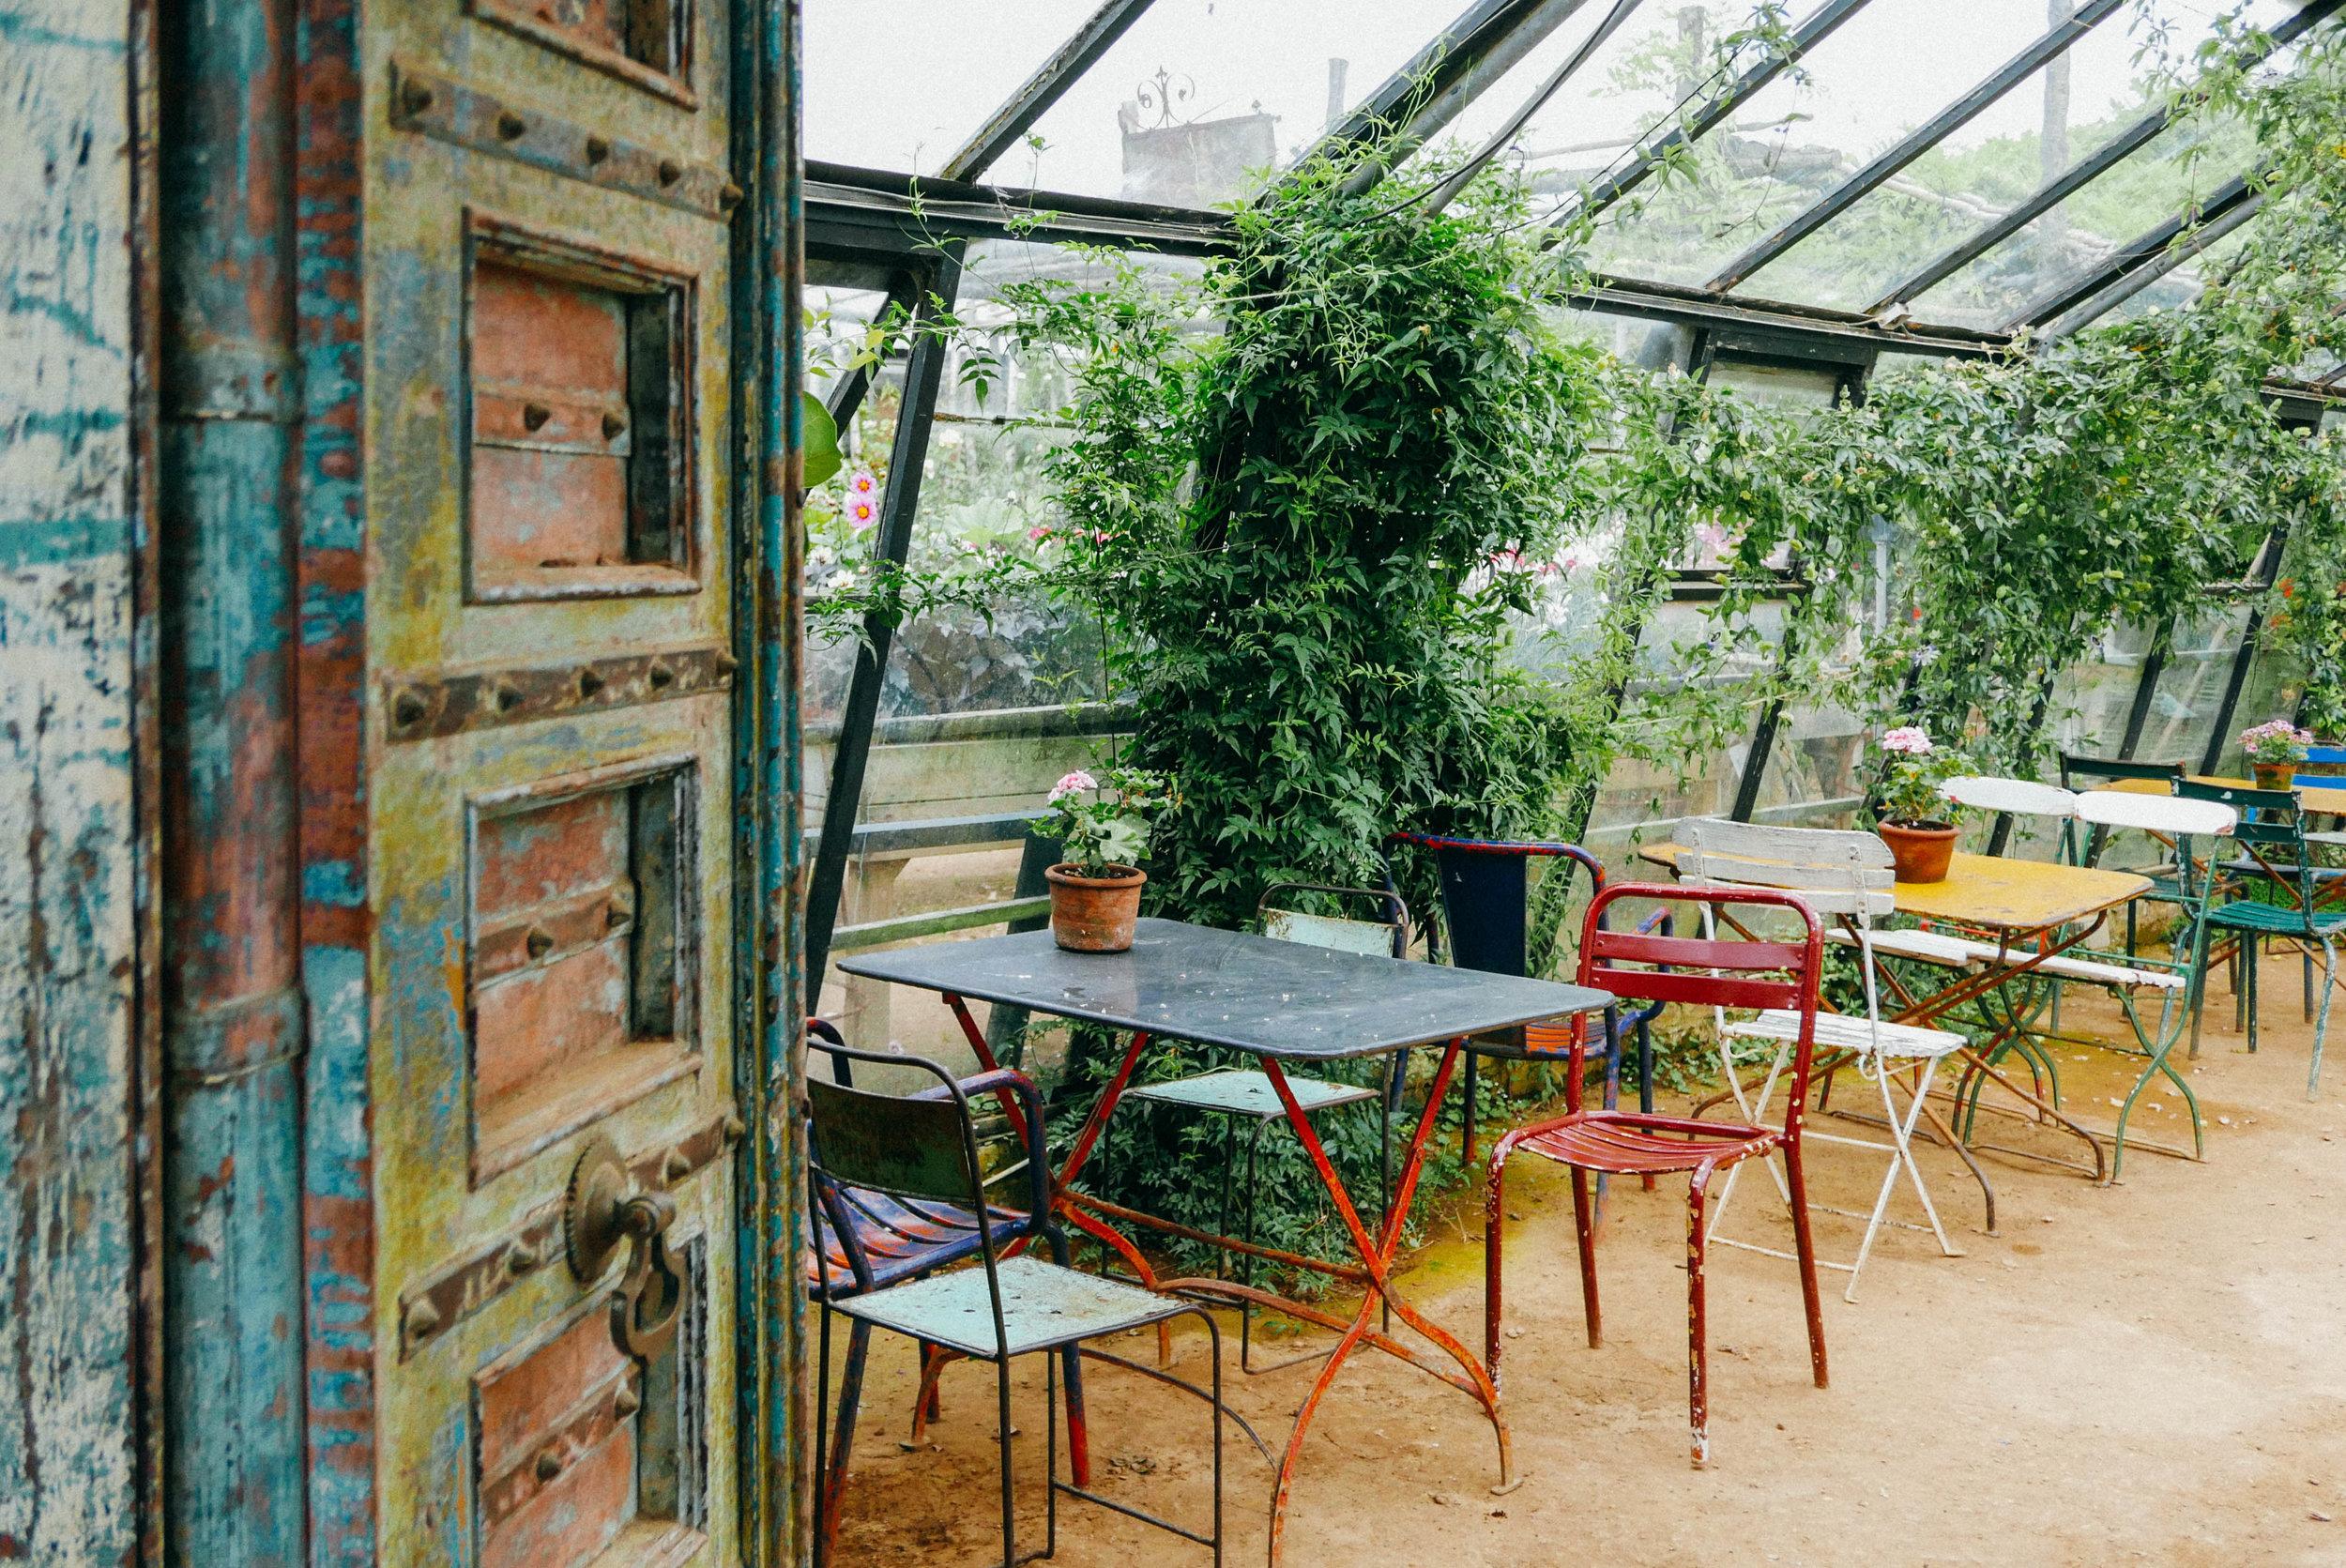 {The teahouse at Petersham Nurseries}